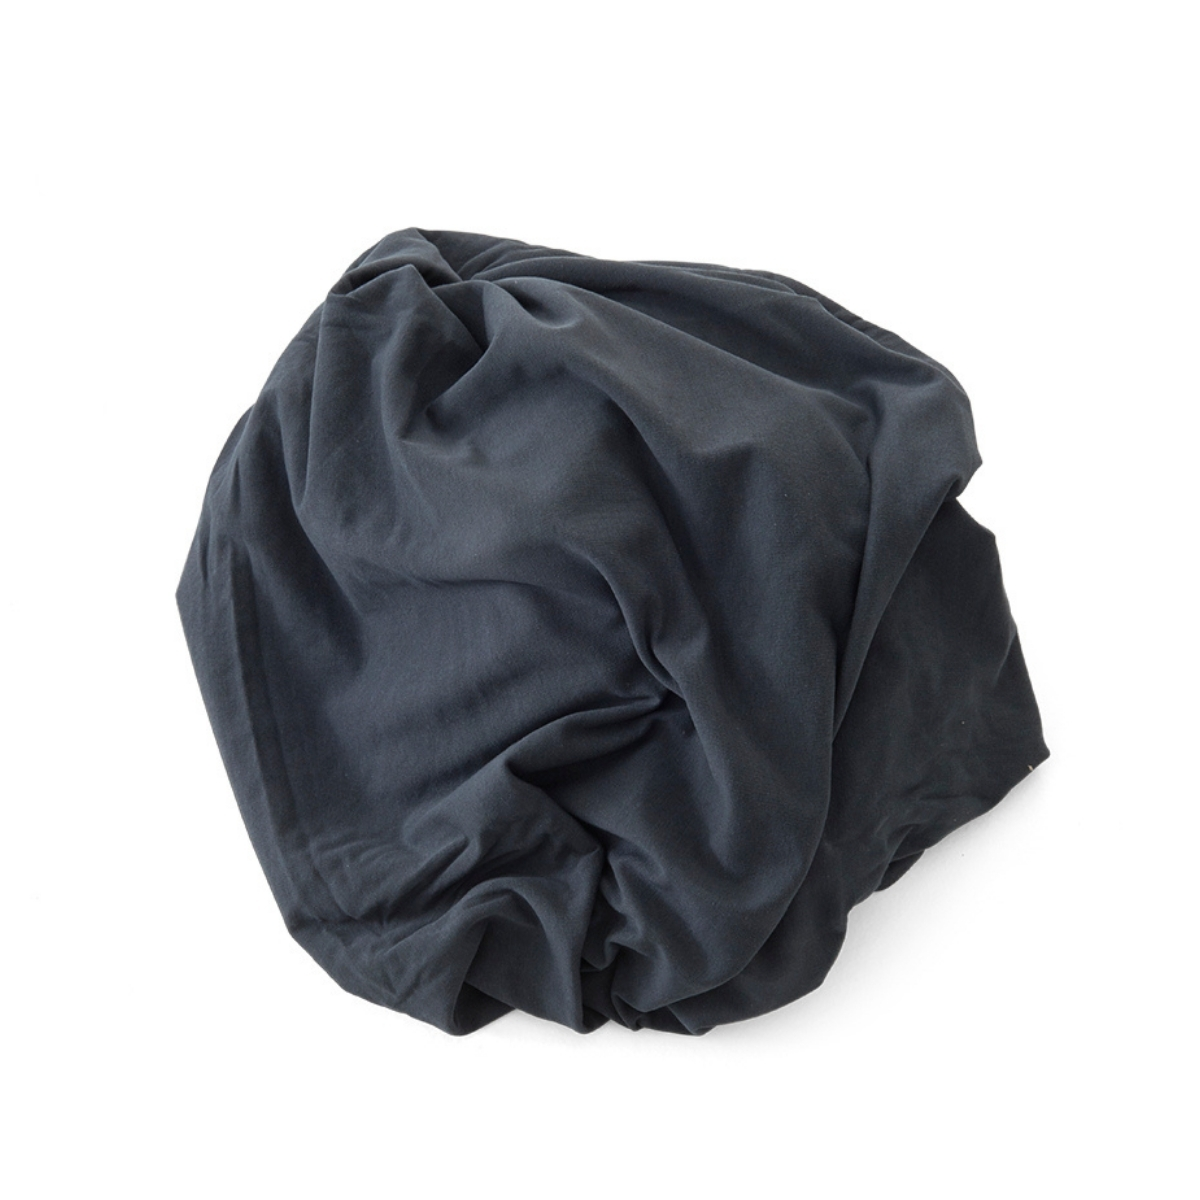 Auping   Jersey Faconlagen Anthracite 70 cm 200 cm